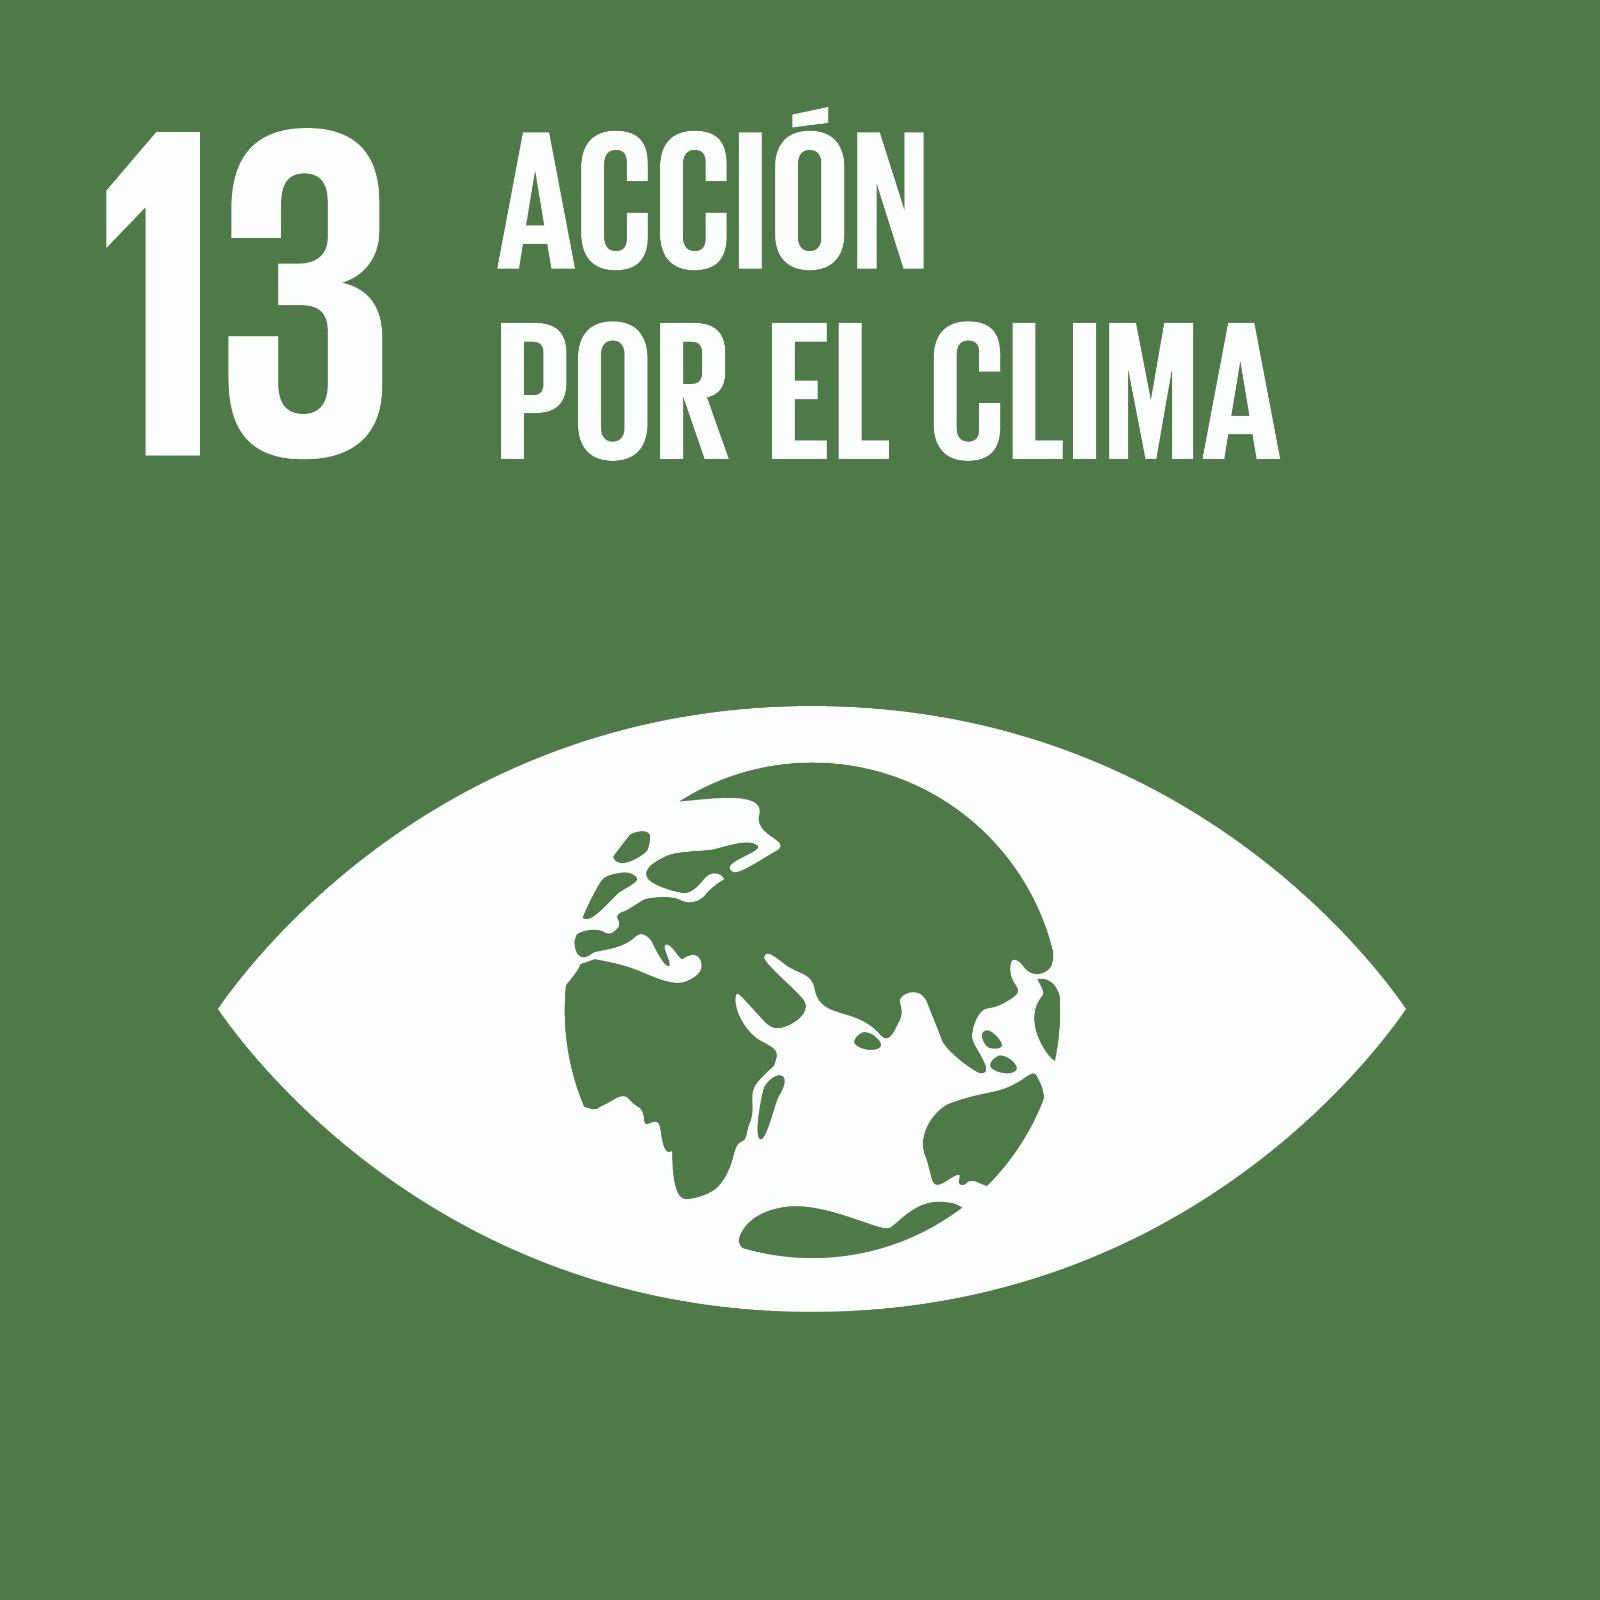 ODS 13 Acción por el Clima en el CEIP Rosario Pérez